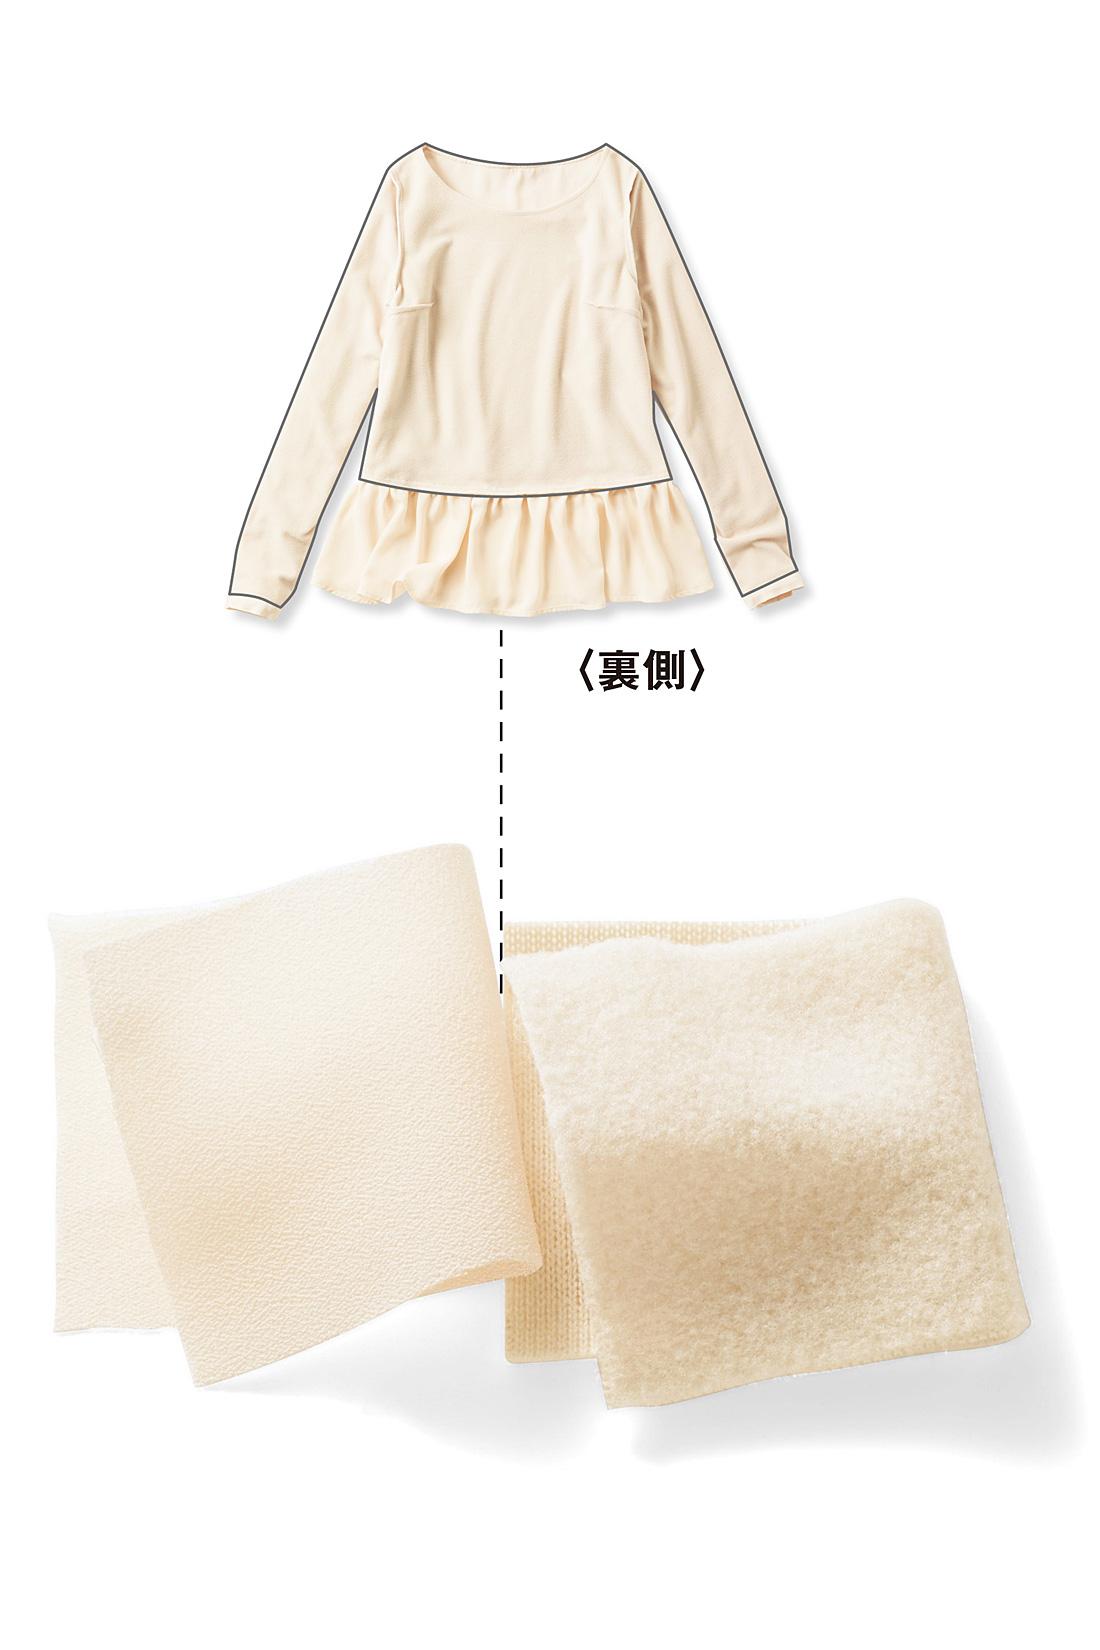 これは参考画像です。袖や身ごろの内側はふんわり起毛した厚手のカットソー付き。